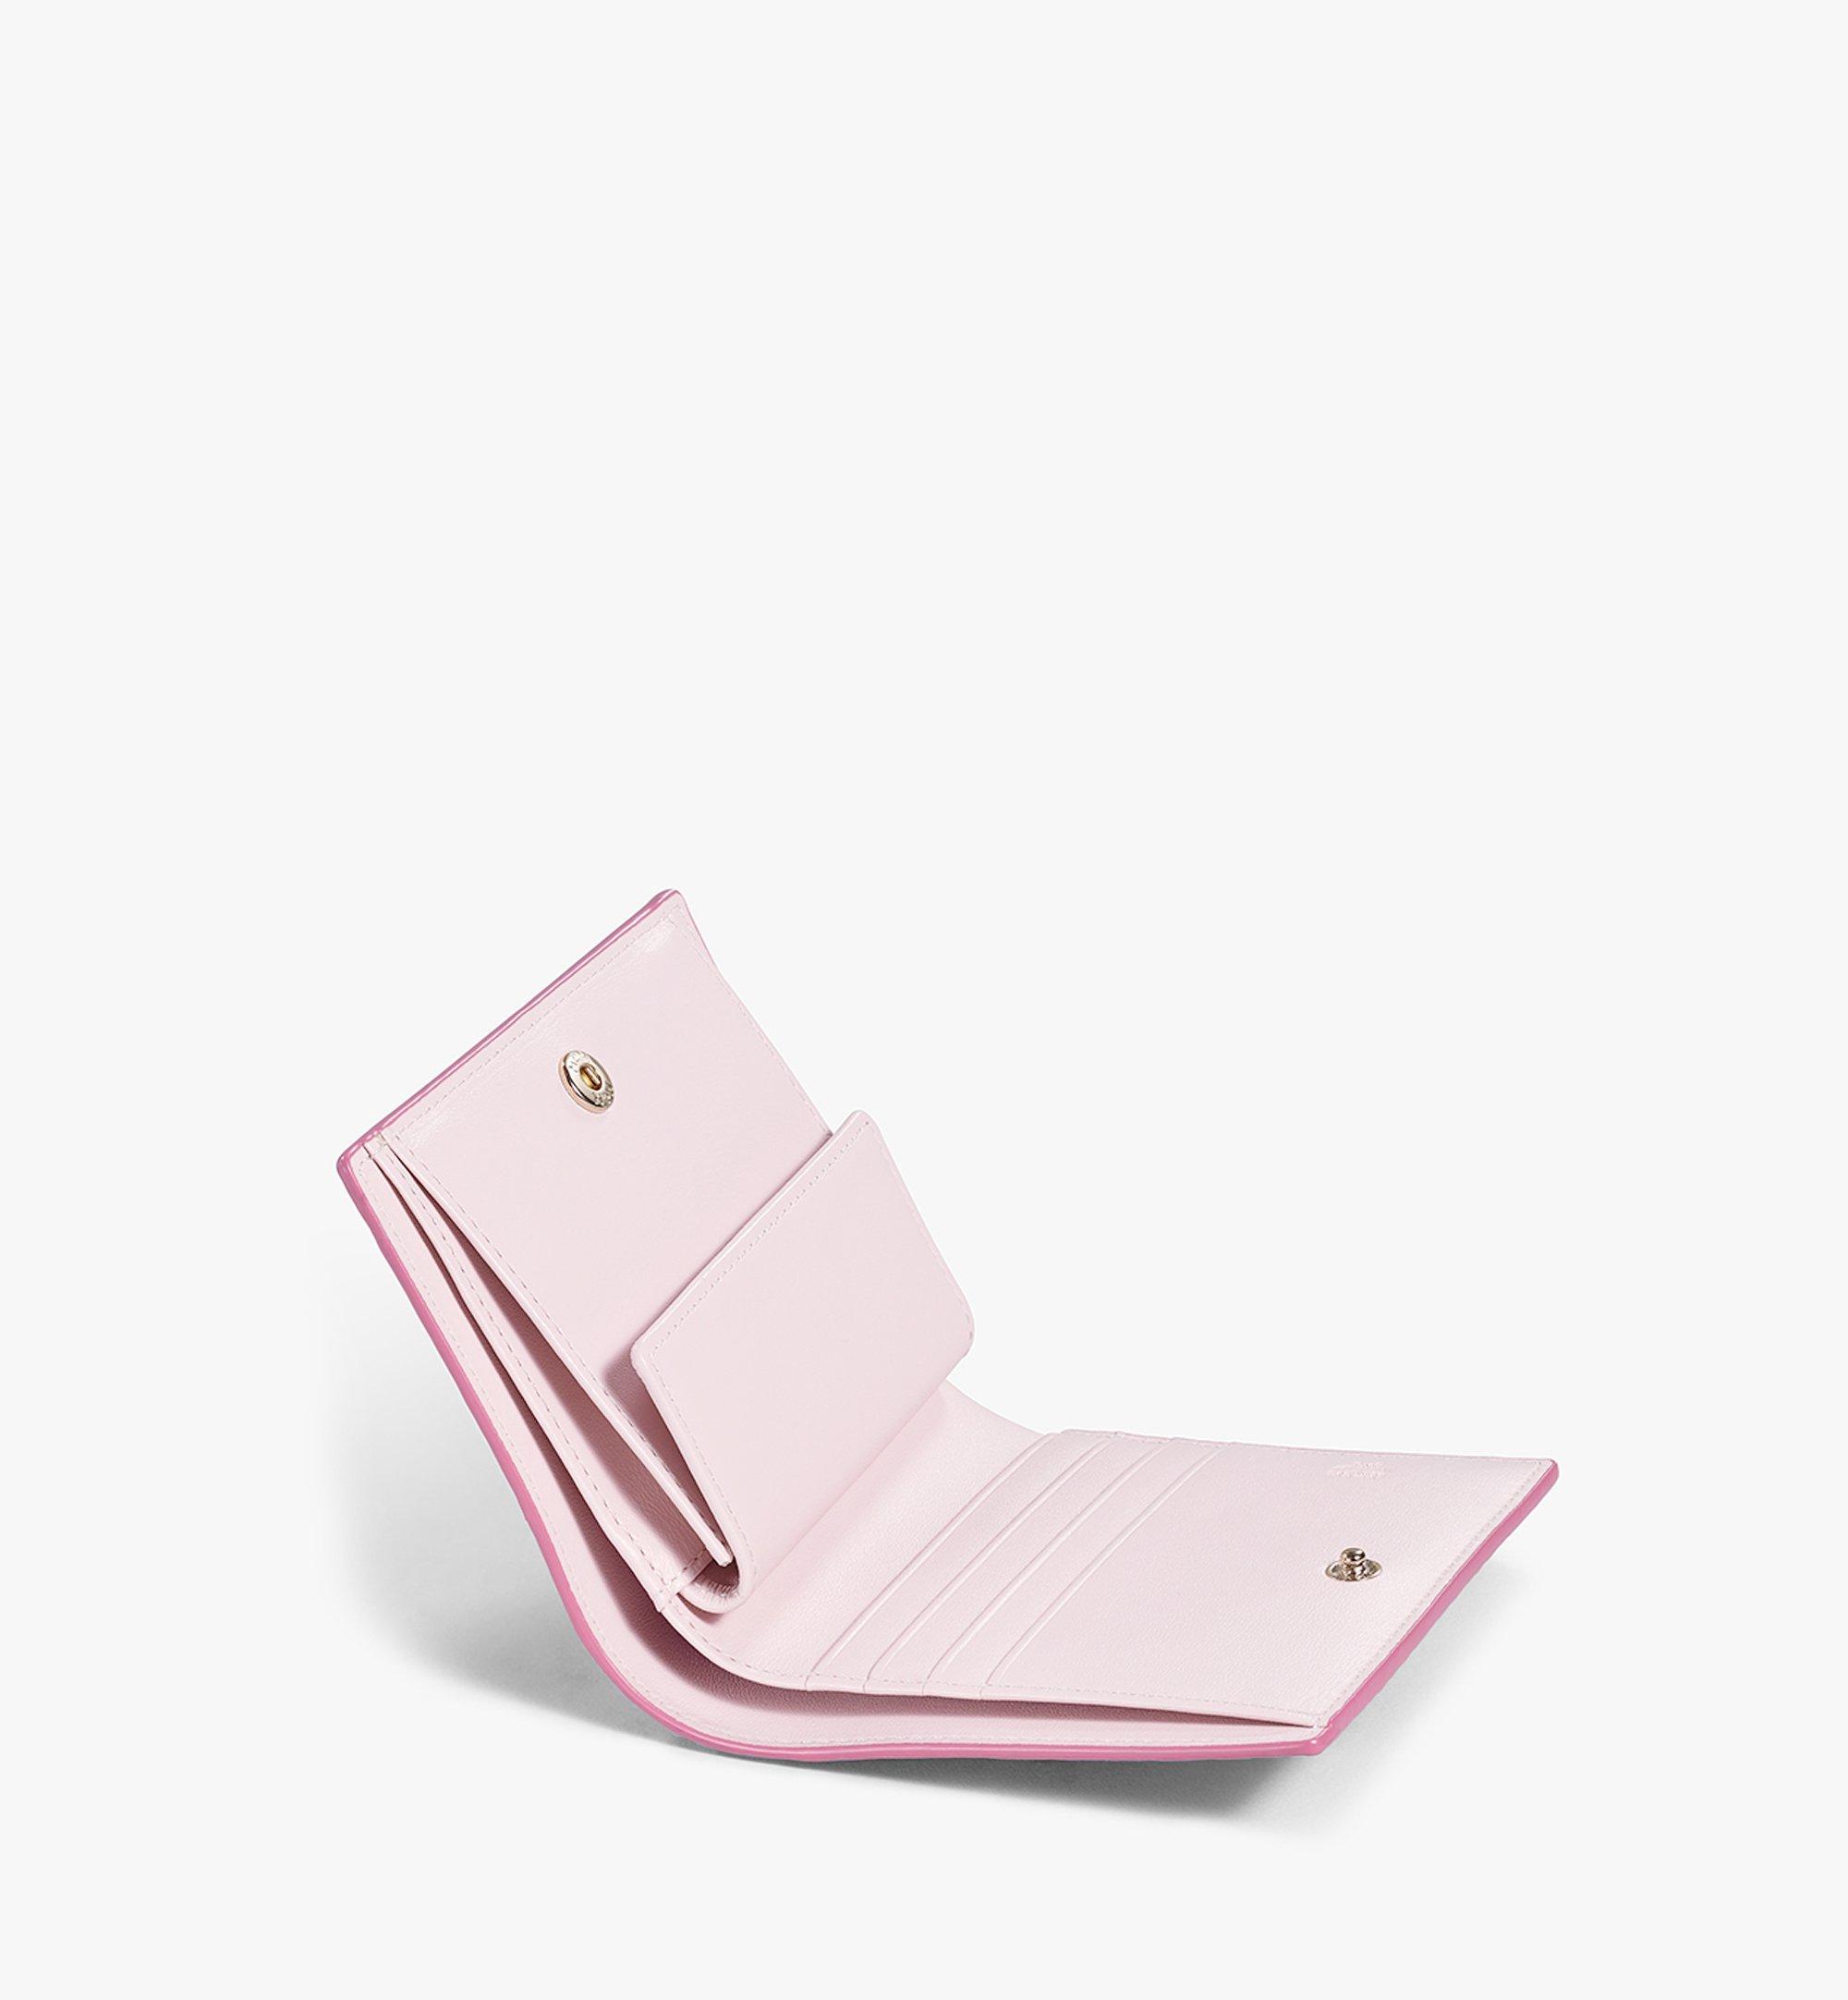 MCM Flat Wallet in Visetos Original Pink MYSAAVI03QH001 Alternate View 2